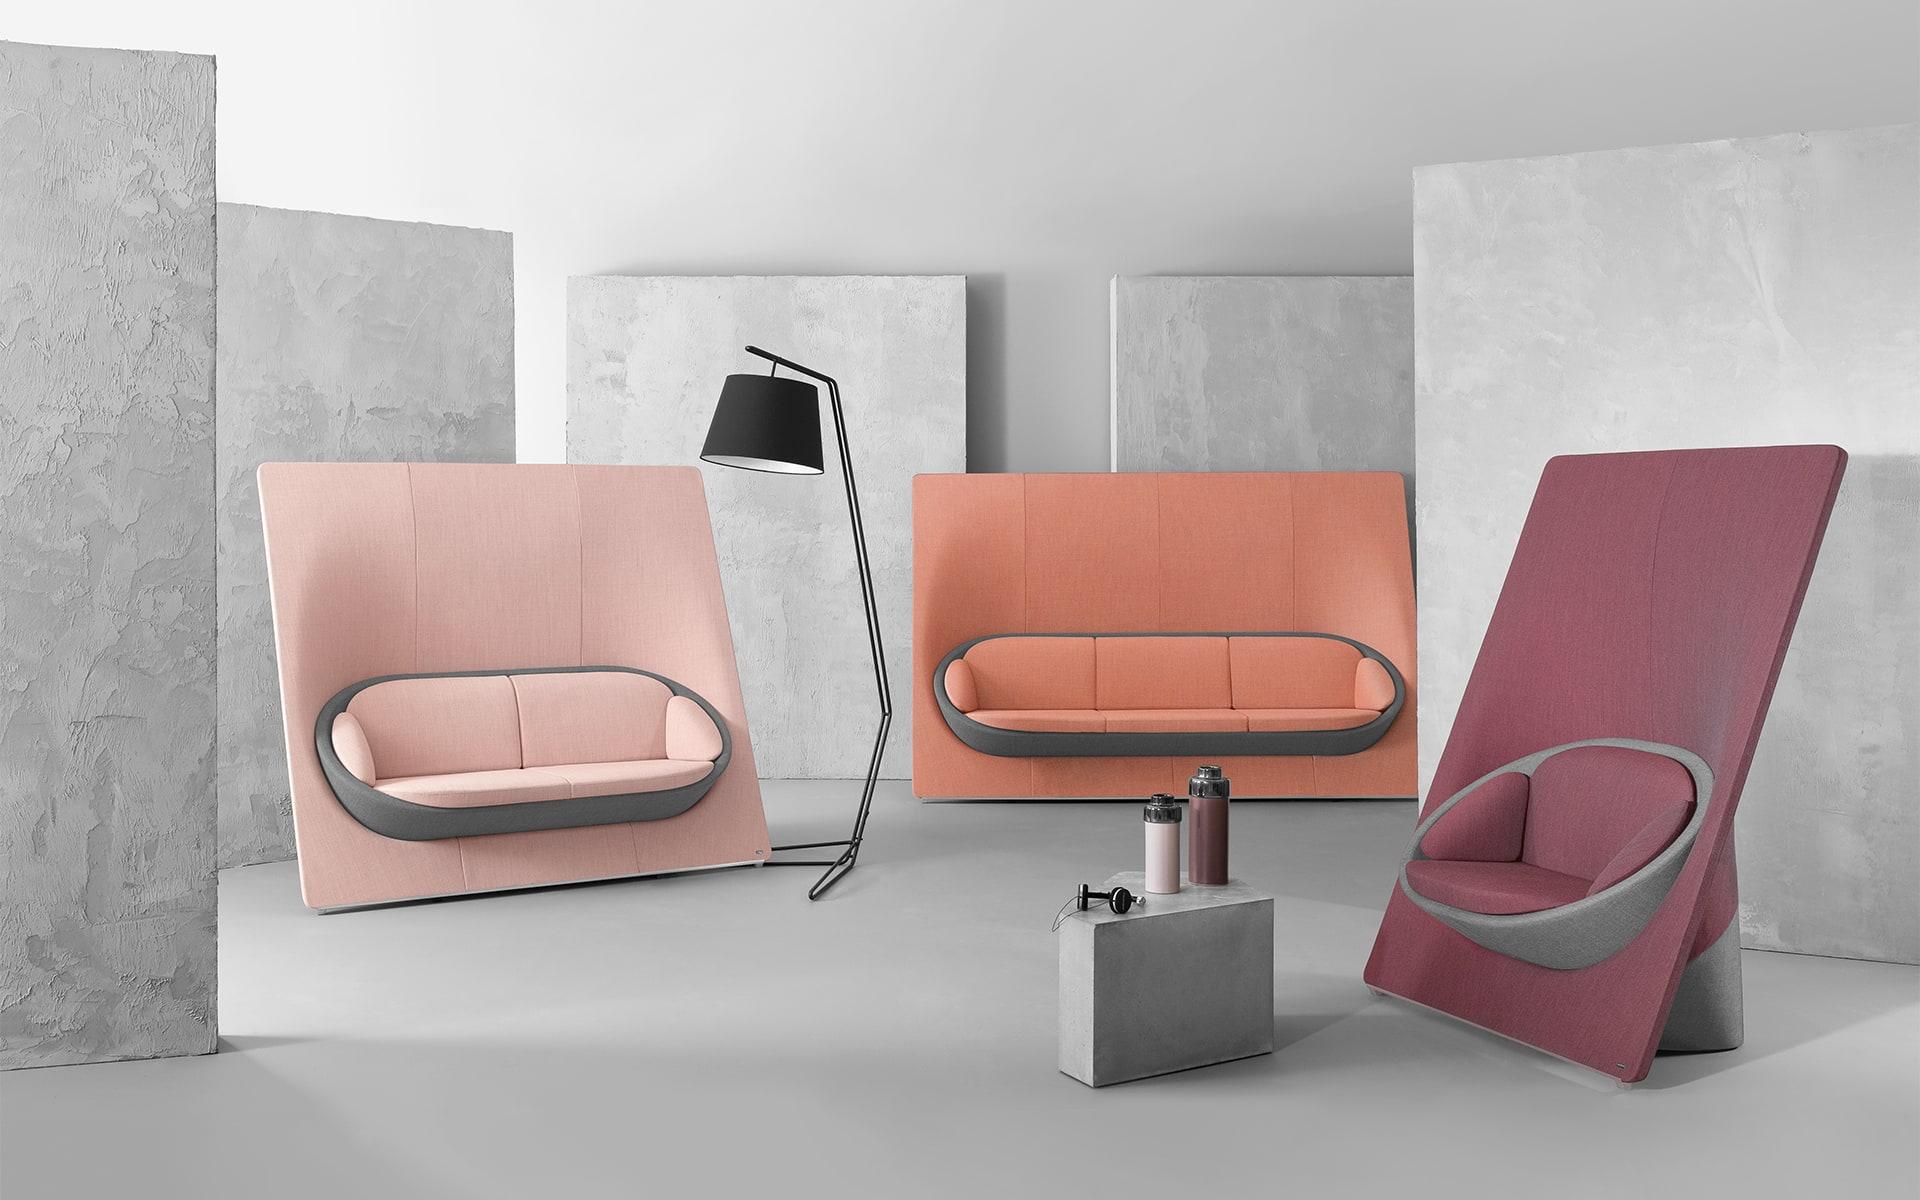 Verschiedene Modelle des Profim Wyspa Lounge Sitzsystems von ITO Design in altrosa, lachs- und beerenfarben